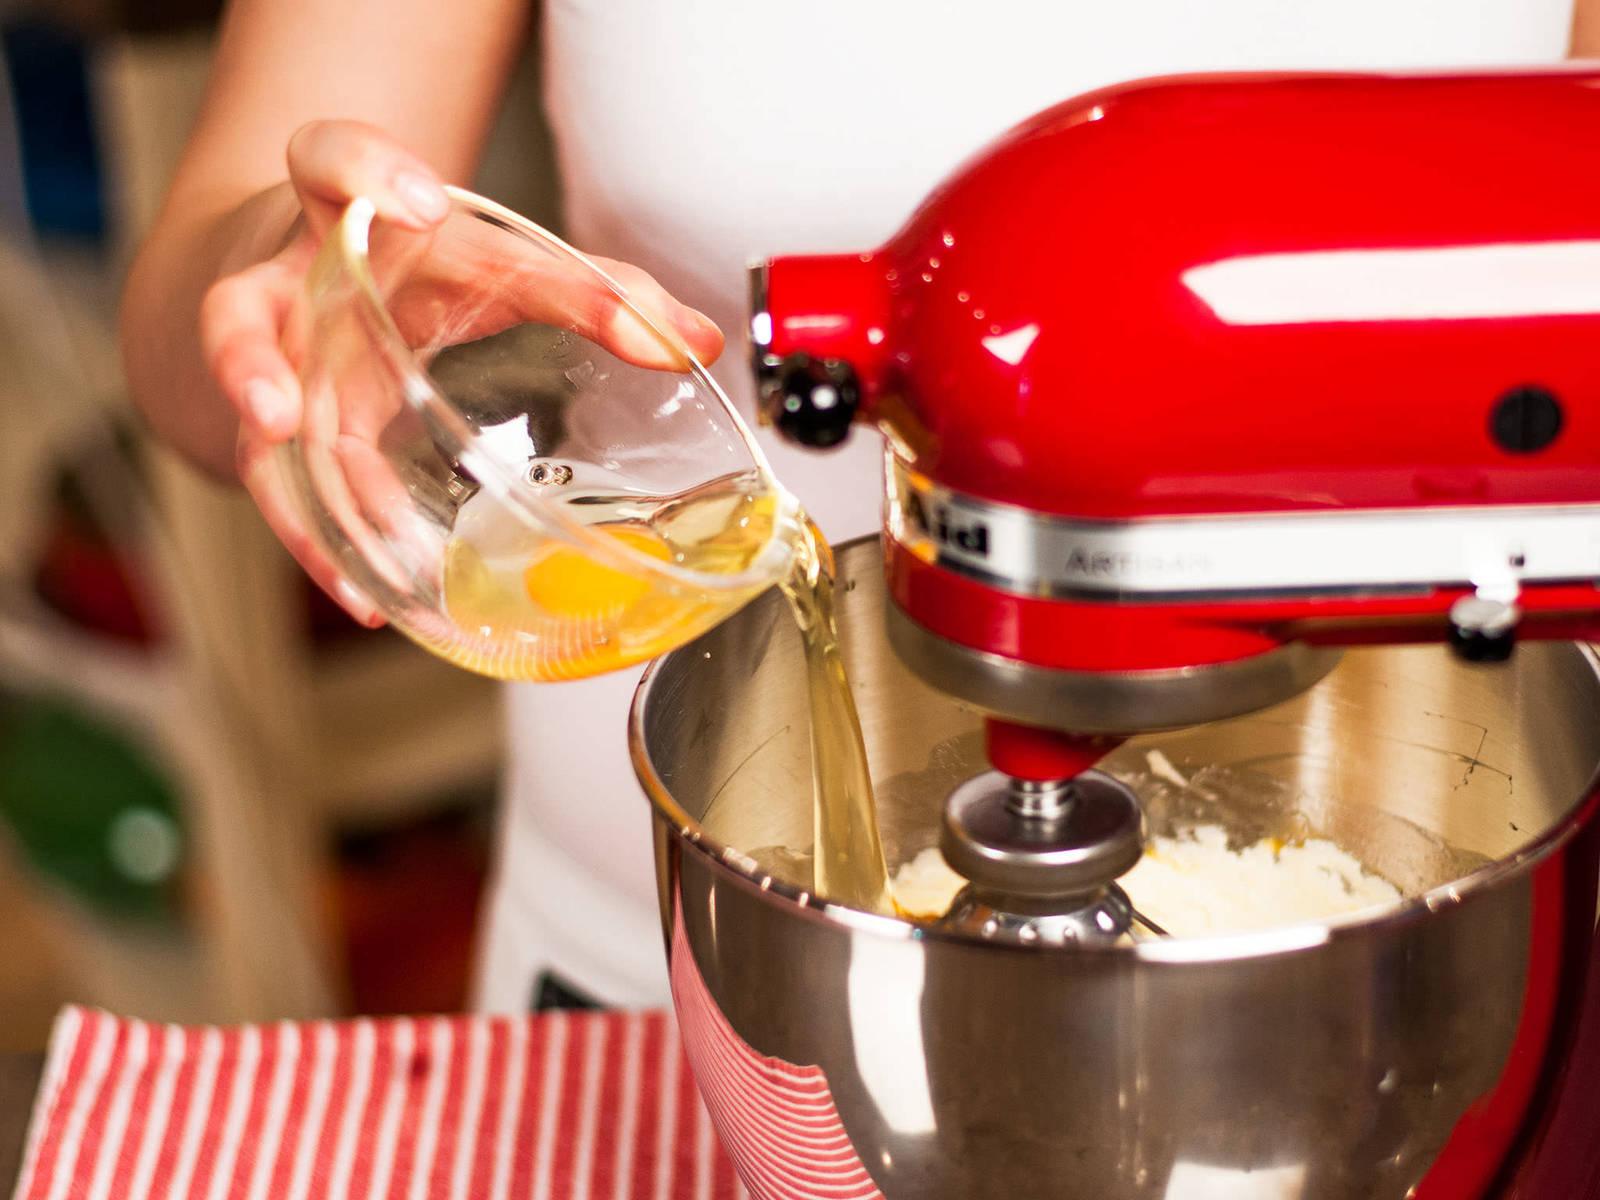 然后逐个加入鸡蛋,并搅打至完全融合。